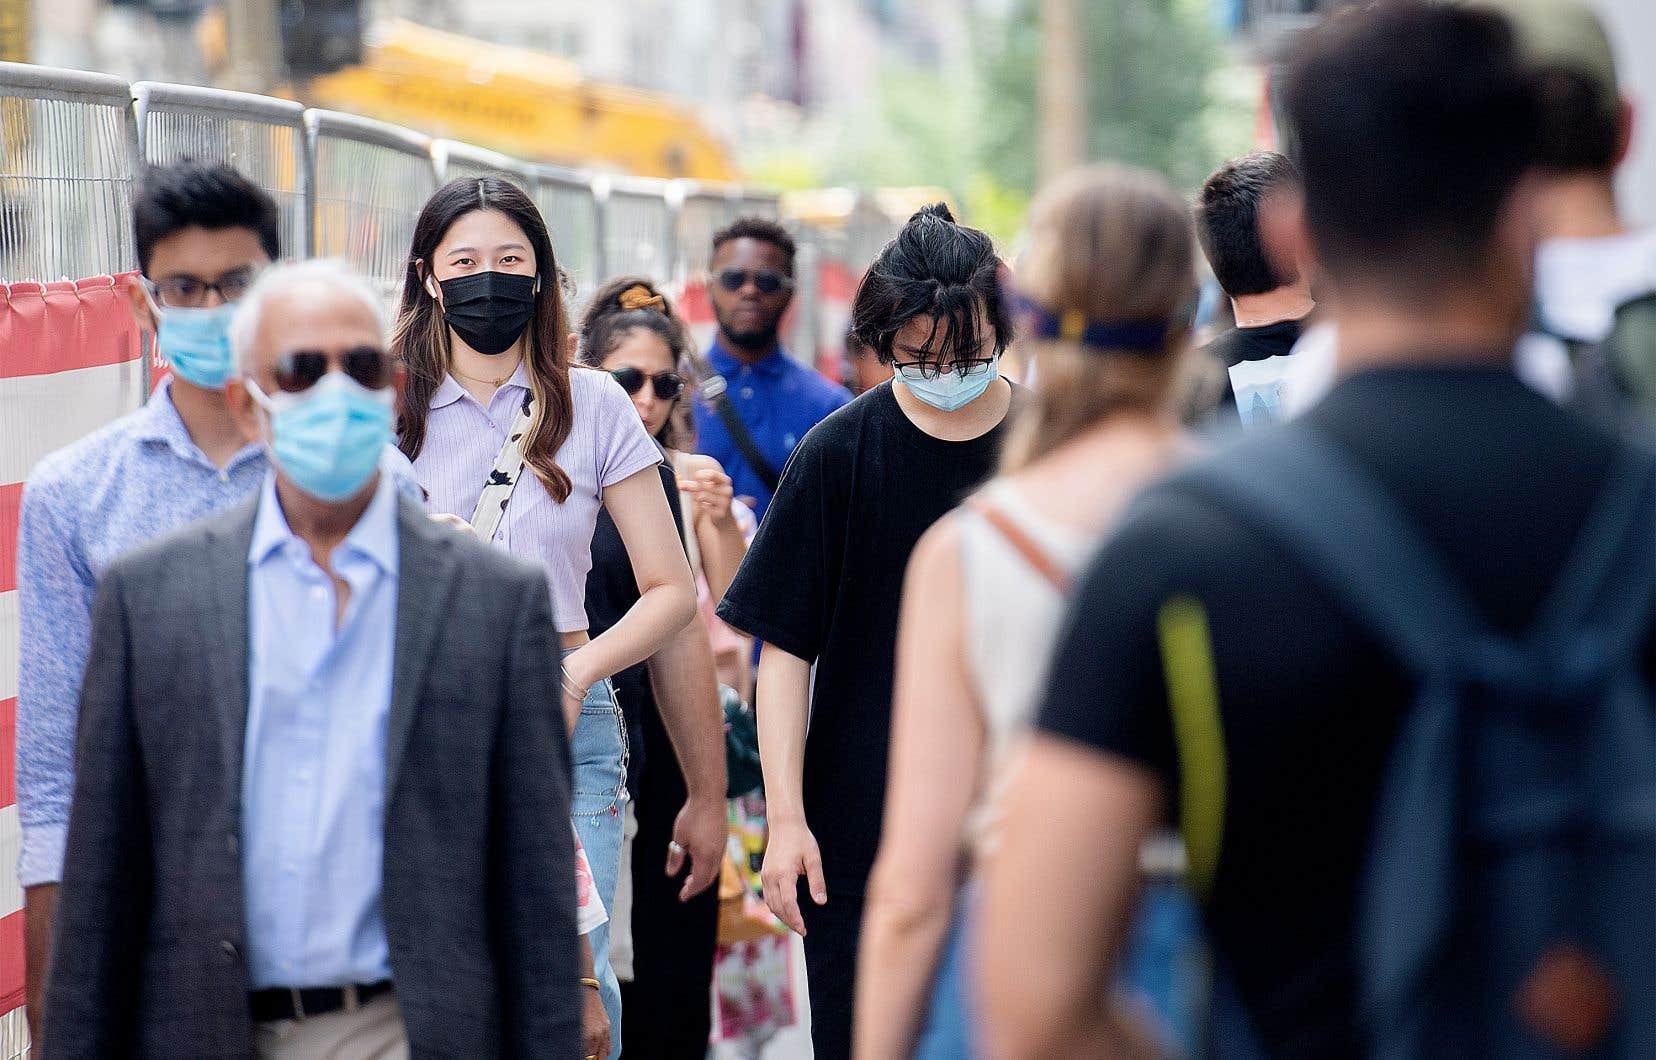 Le ministère de la Santé affirme être «conscient que les mesures sanitaires ne sont pas faciles pour tous, toutefois, elles sont nécessaires pour vaincre la pandémie». Il n'est donc pas prévu «à court terme» d'assouplir cette mesure dans les lieux publics.